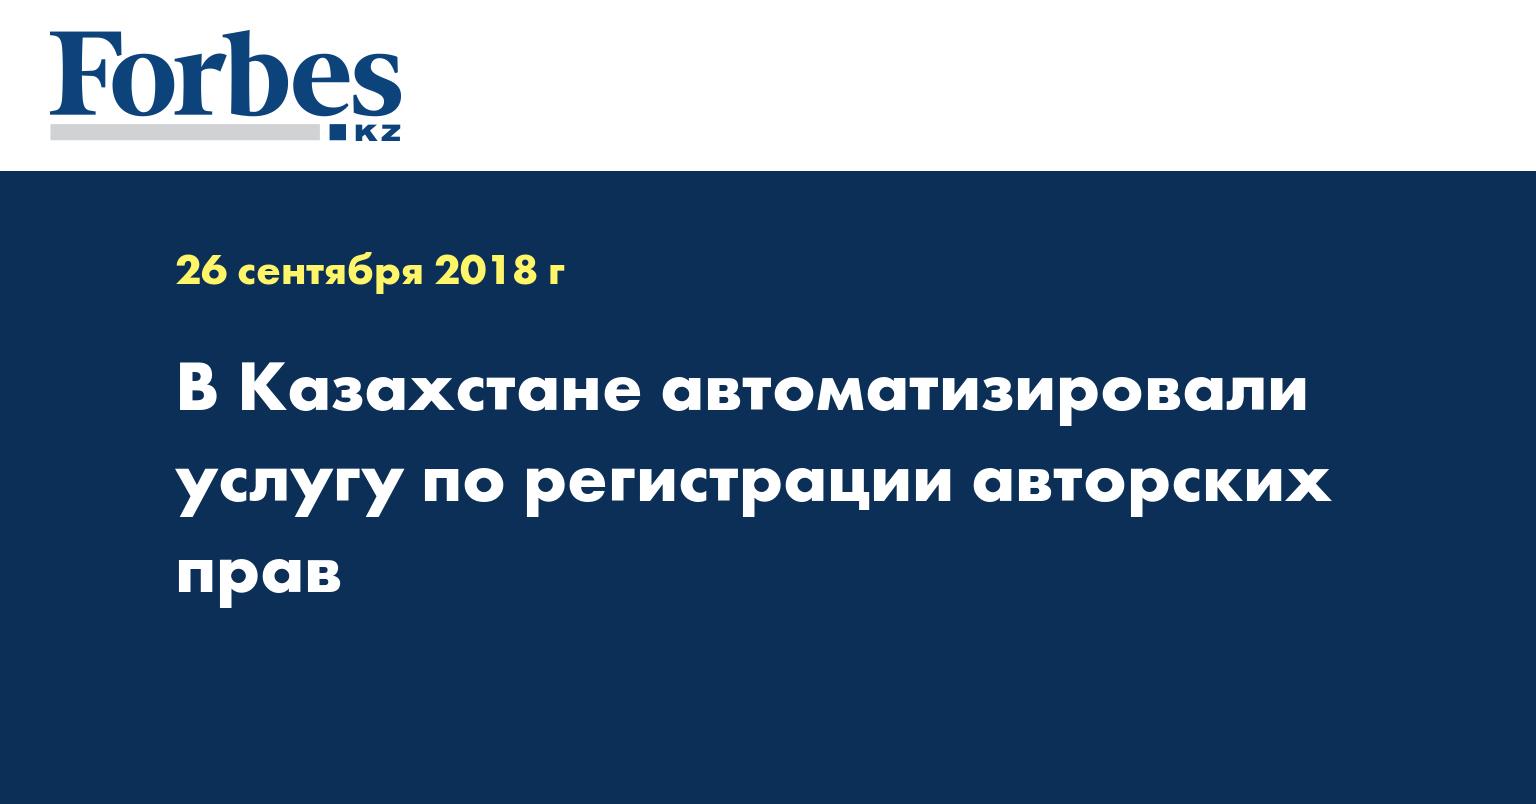 В Казахстане автоматизировали услугу по регистрации авторских прав